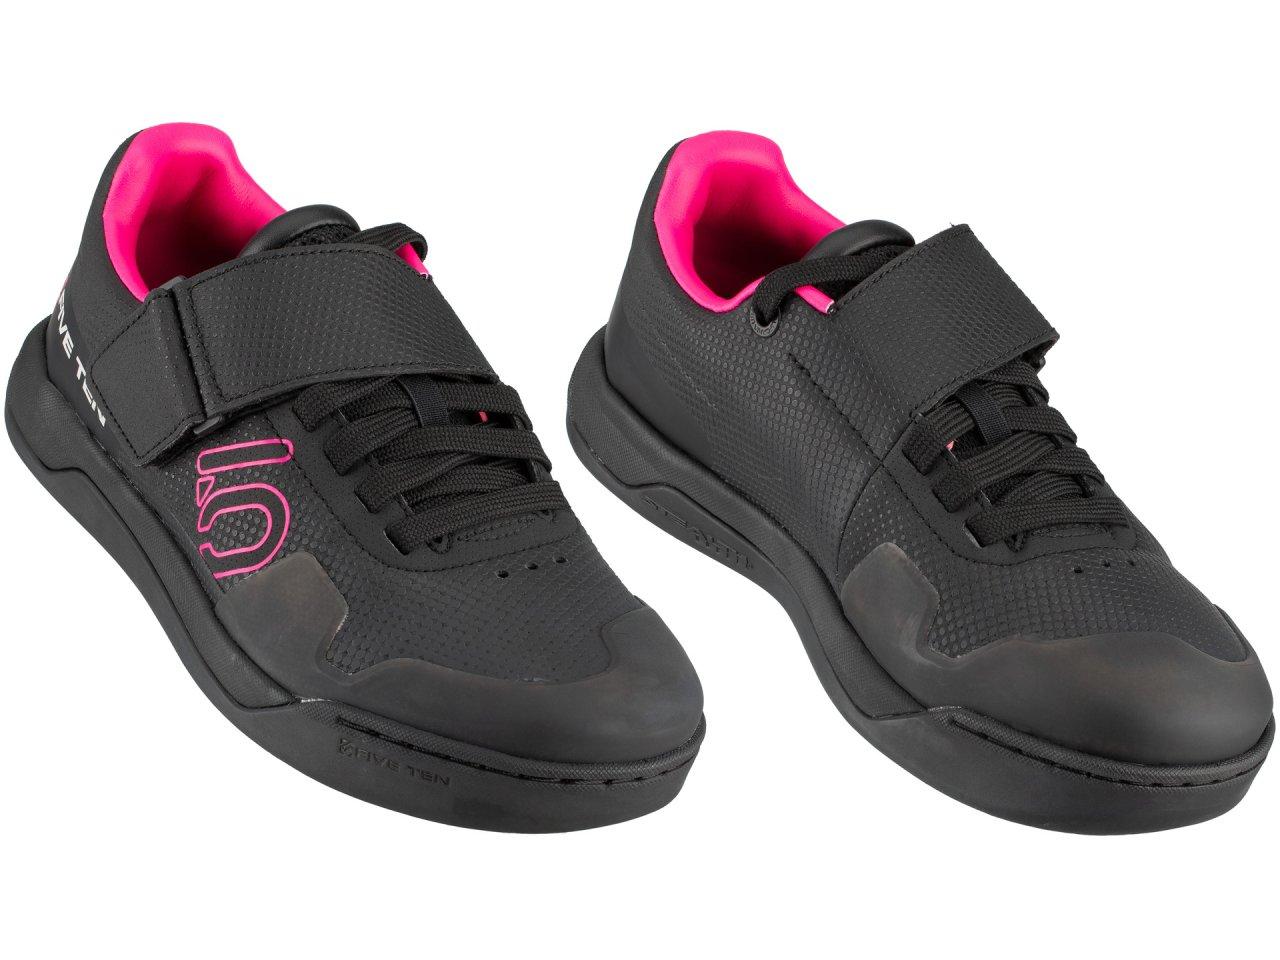 Five Ten Hellcat Pro Wmns SPD MTB Schuhe Damen Gr shock pink UK-4.0 37.0